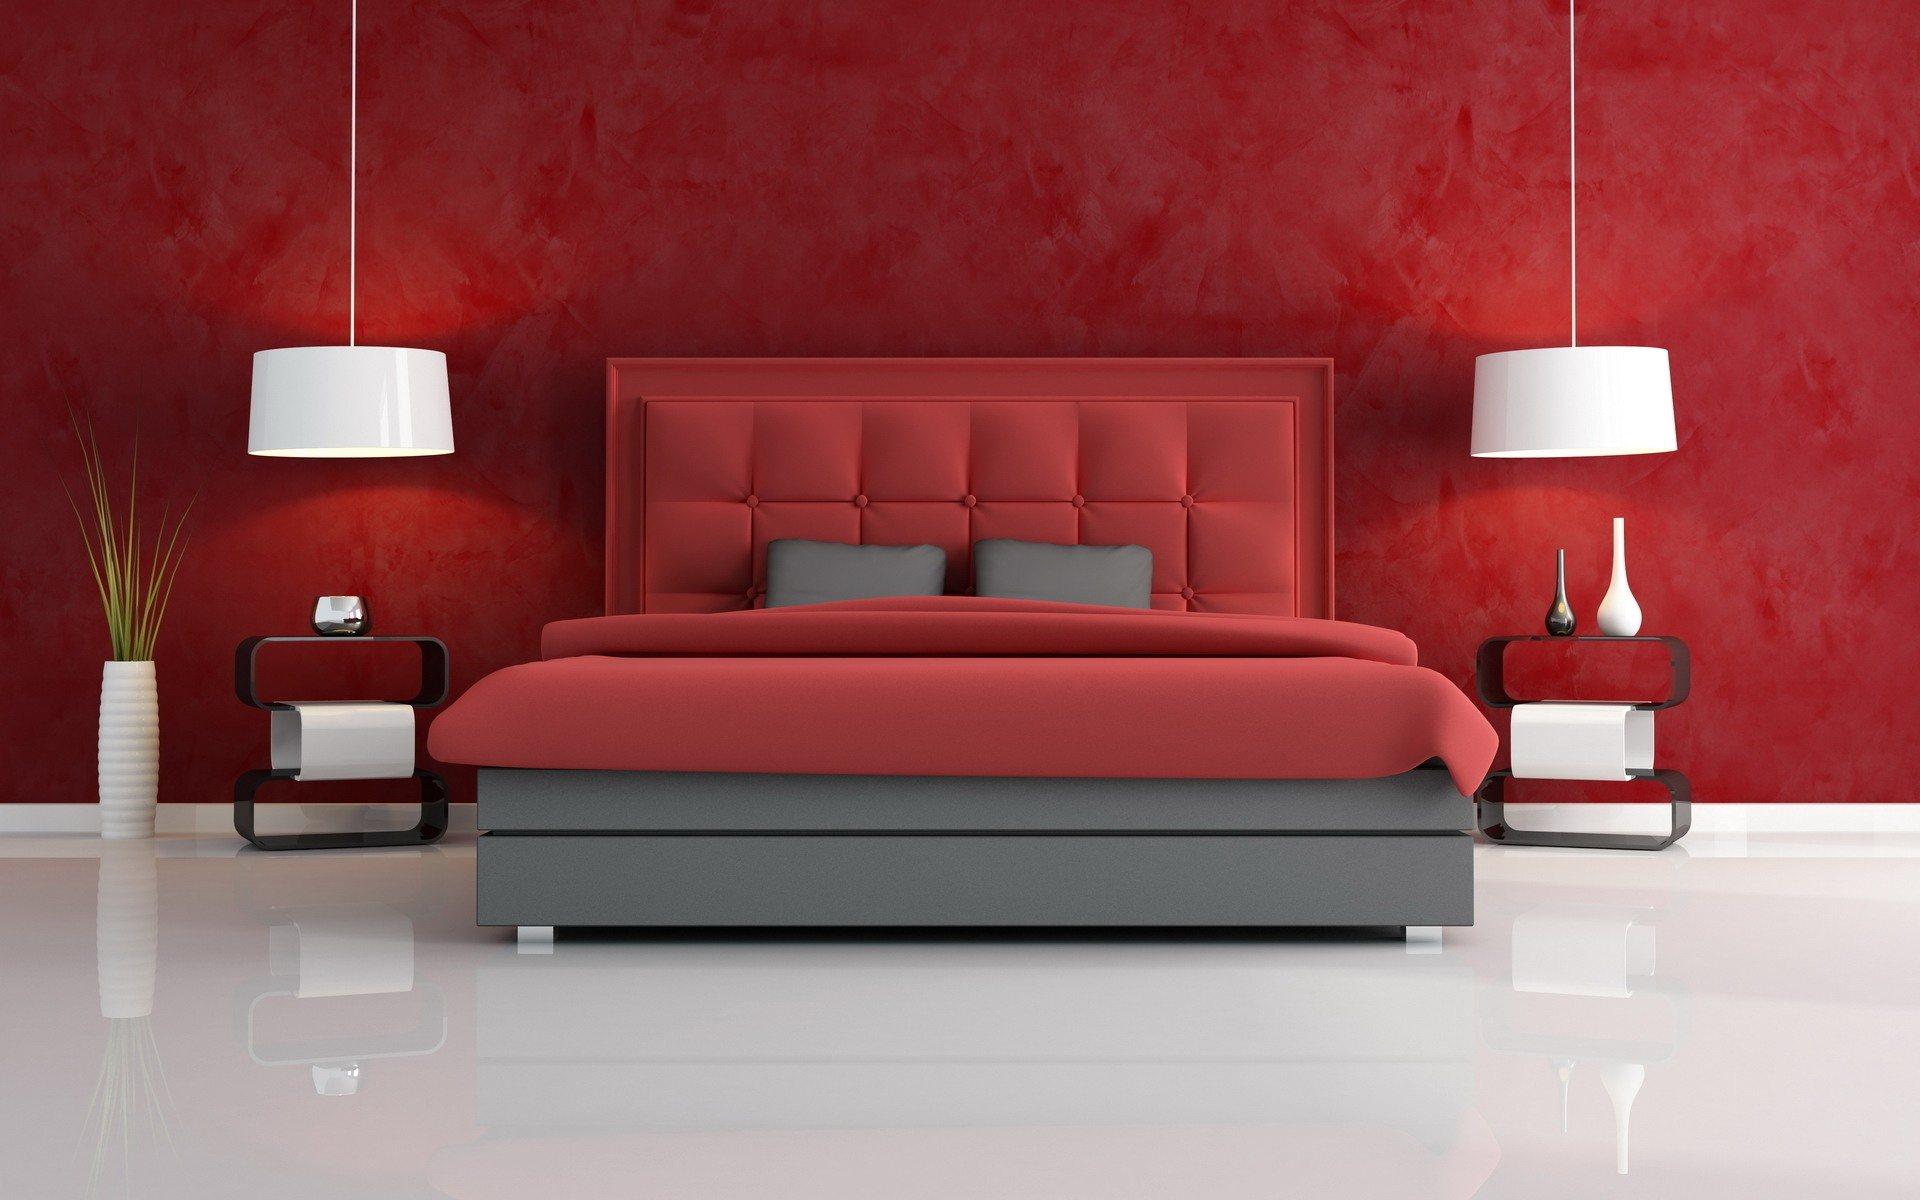 bedroom wallpaper design ideas. Red-Bedroom-Wallpaper Bedroom Wallpaper Design Ideas